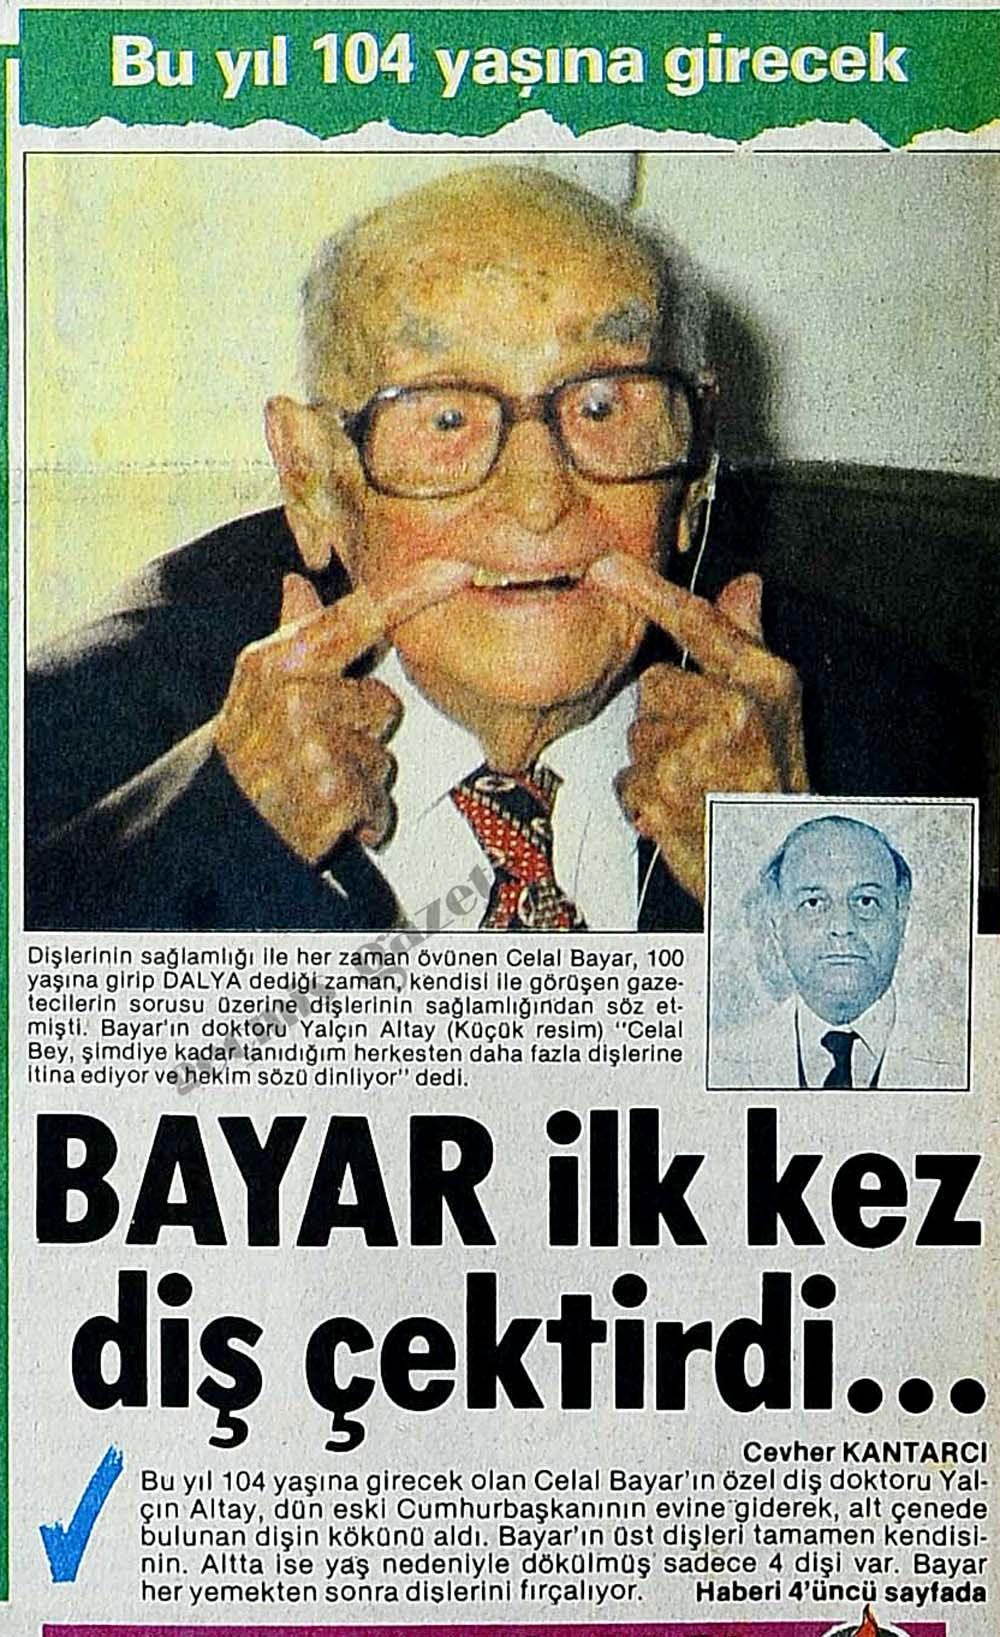 Bu yıl 104 yaşına girecek Bayar ilk kez diş çektirdi...